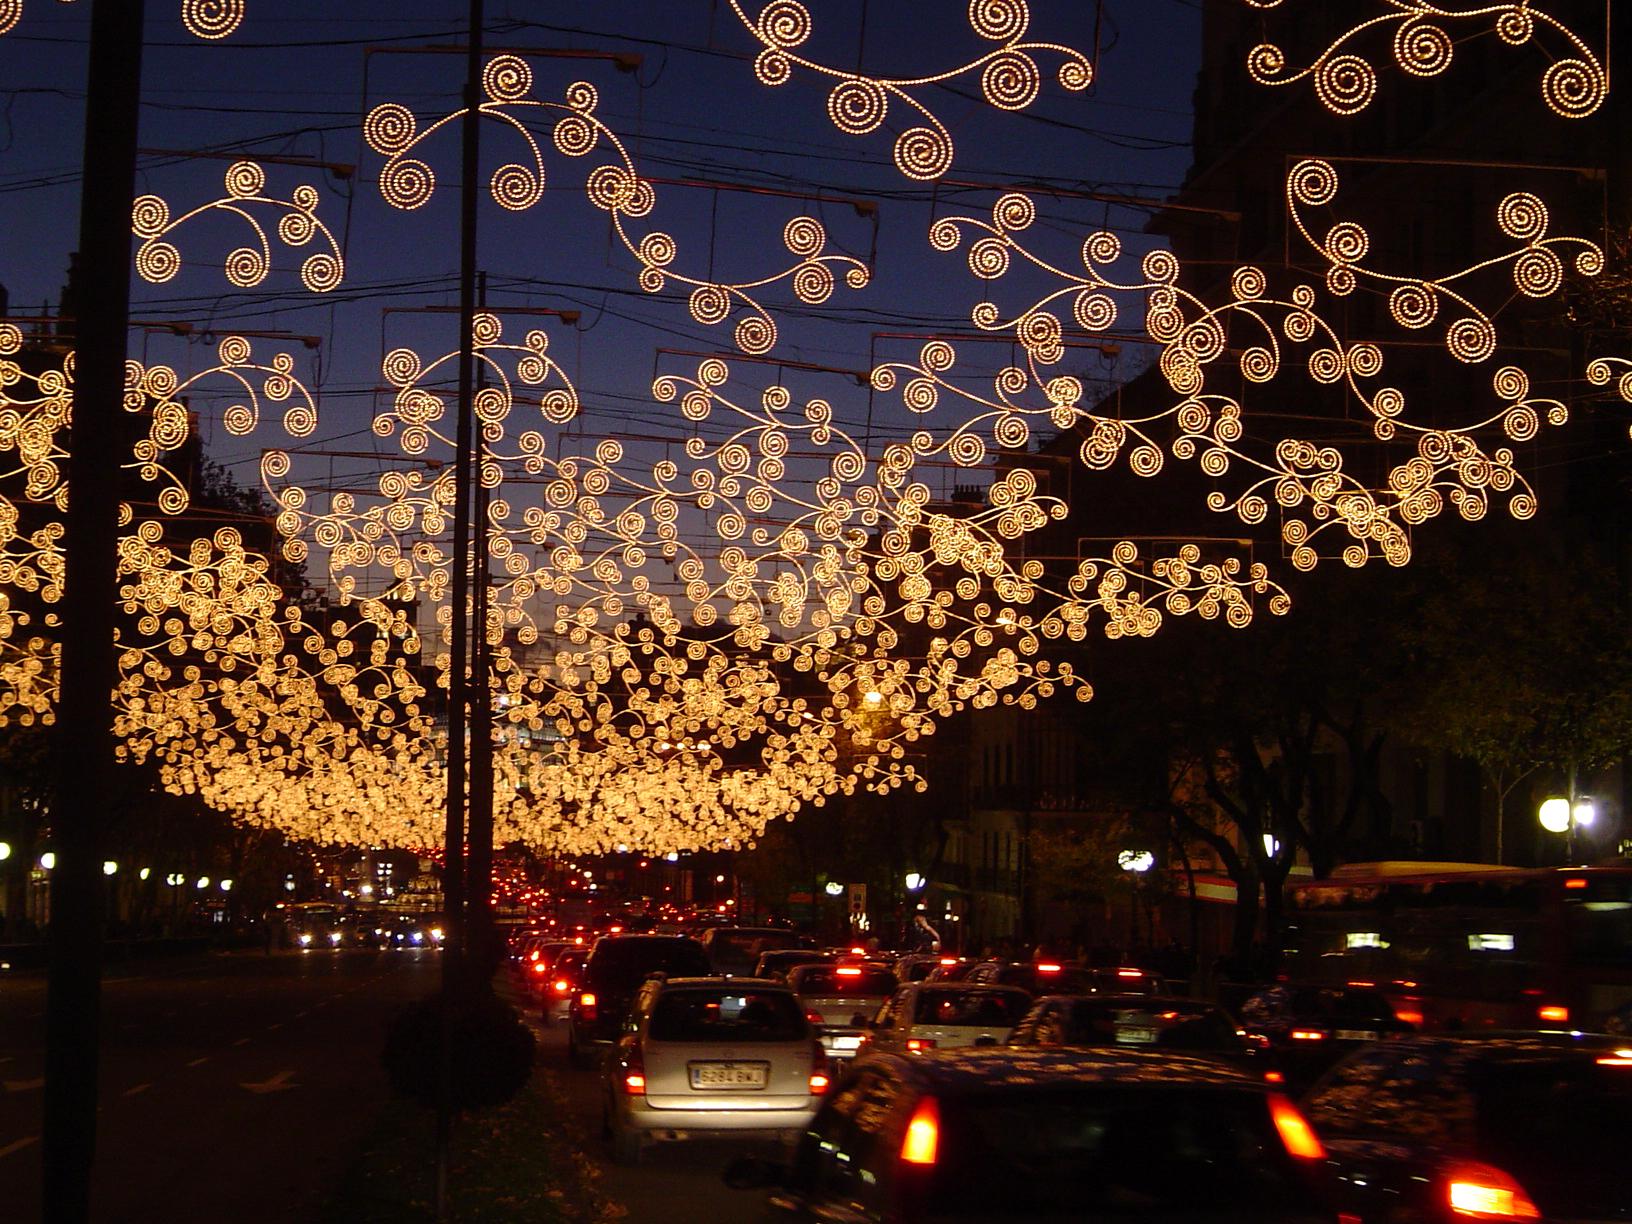 Hintergrundbilder : Beleuchtung, Strassenlicht, Stadt, Nacht ...